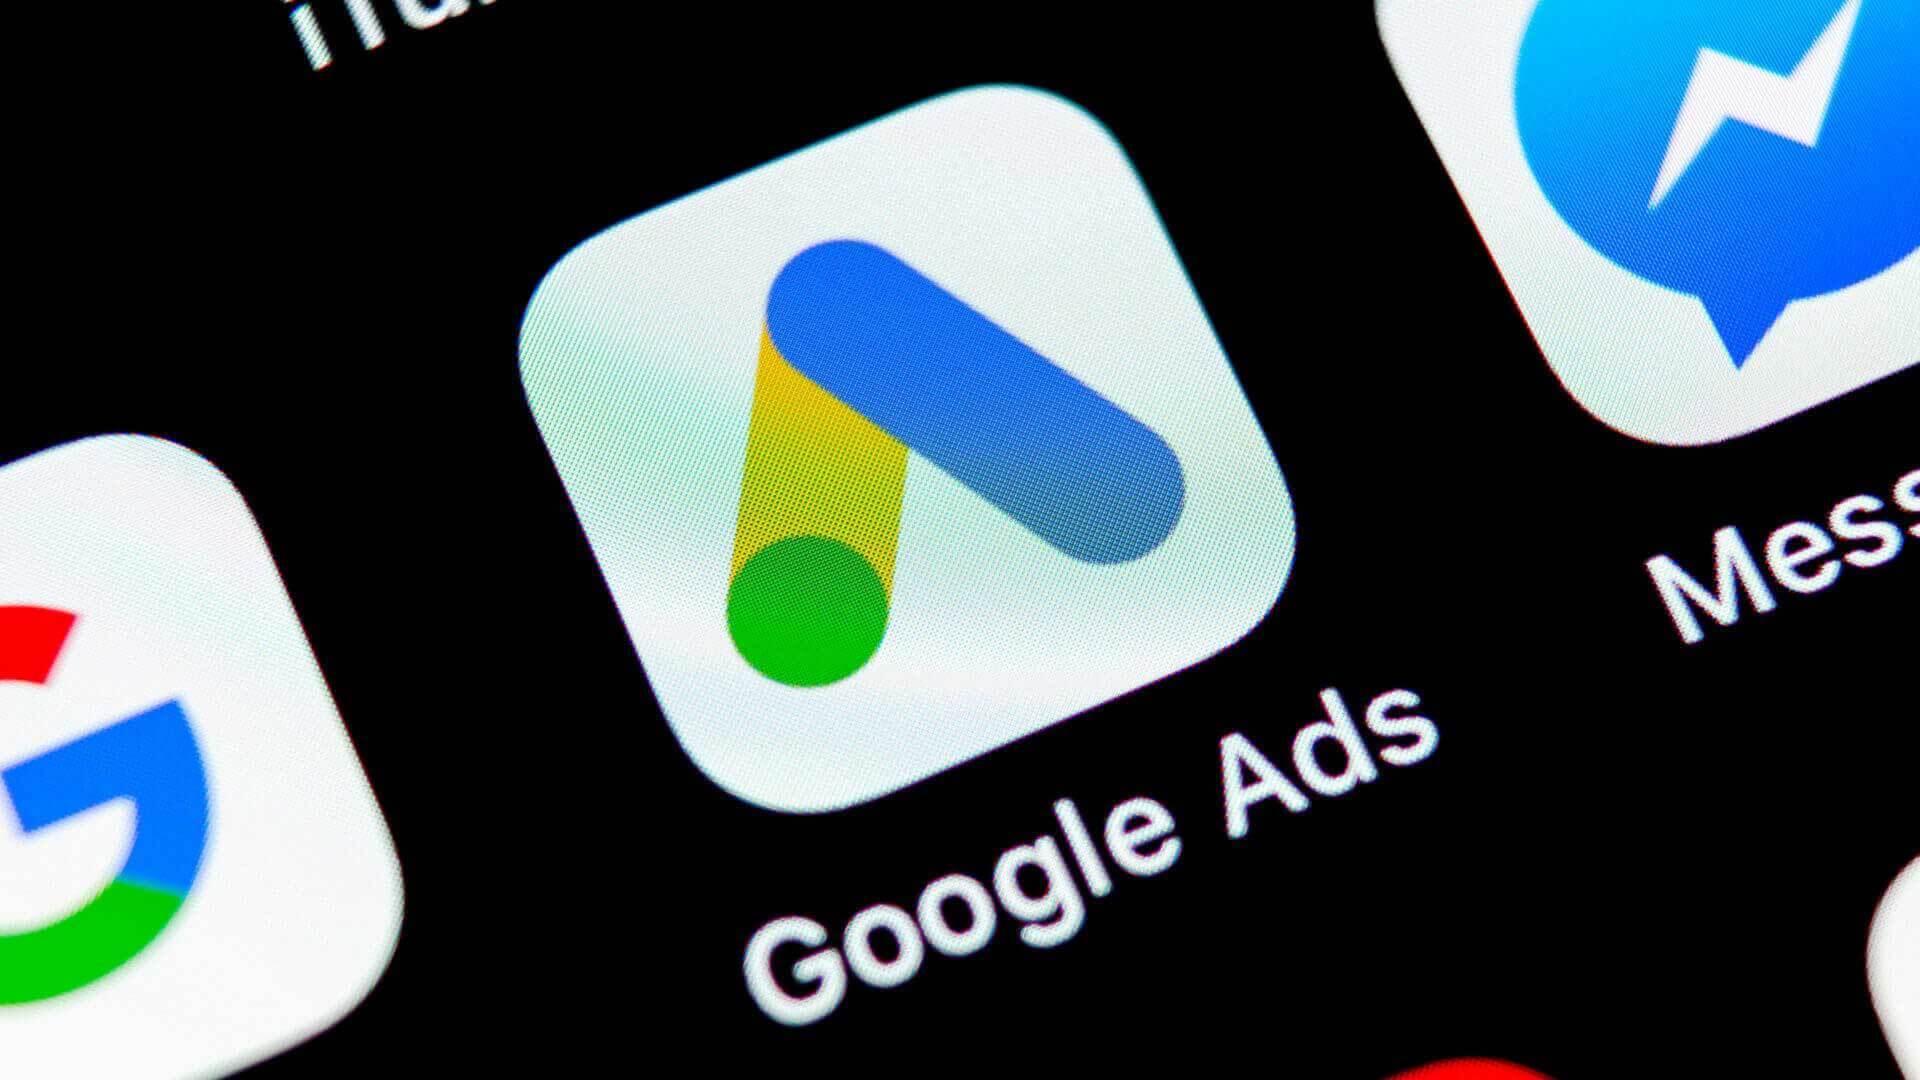 Scores d'optimisation, recommandations et leur impact sur les agences partenaires Google